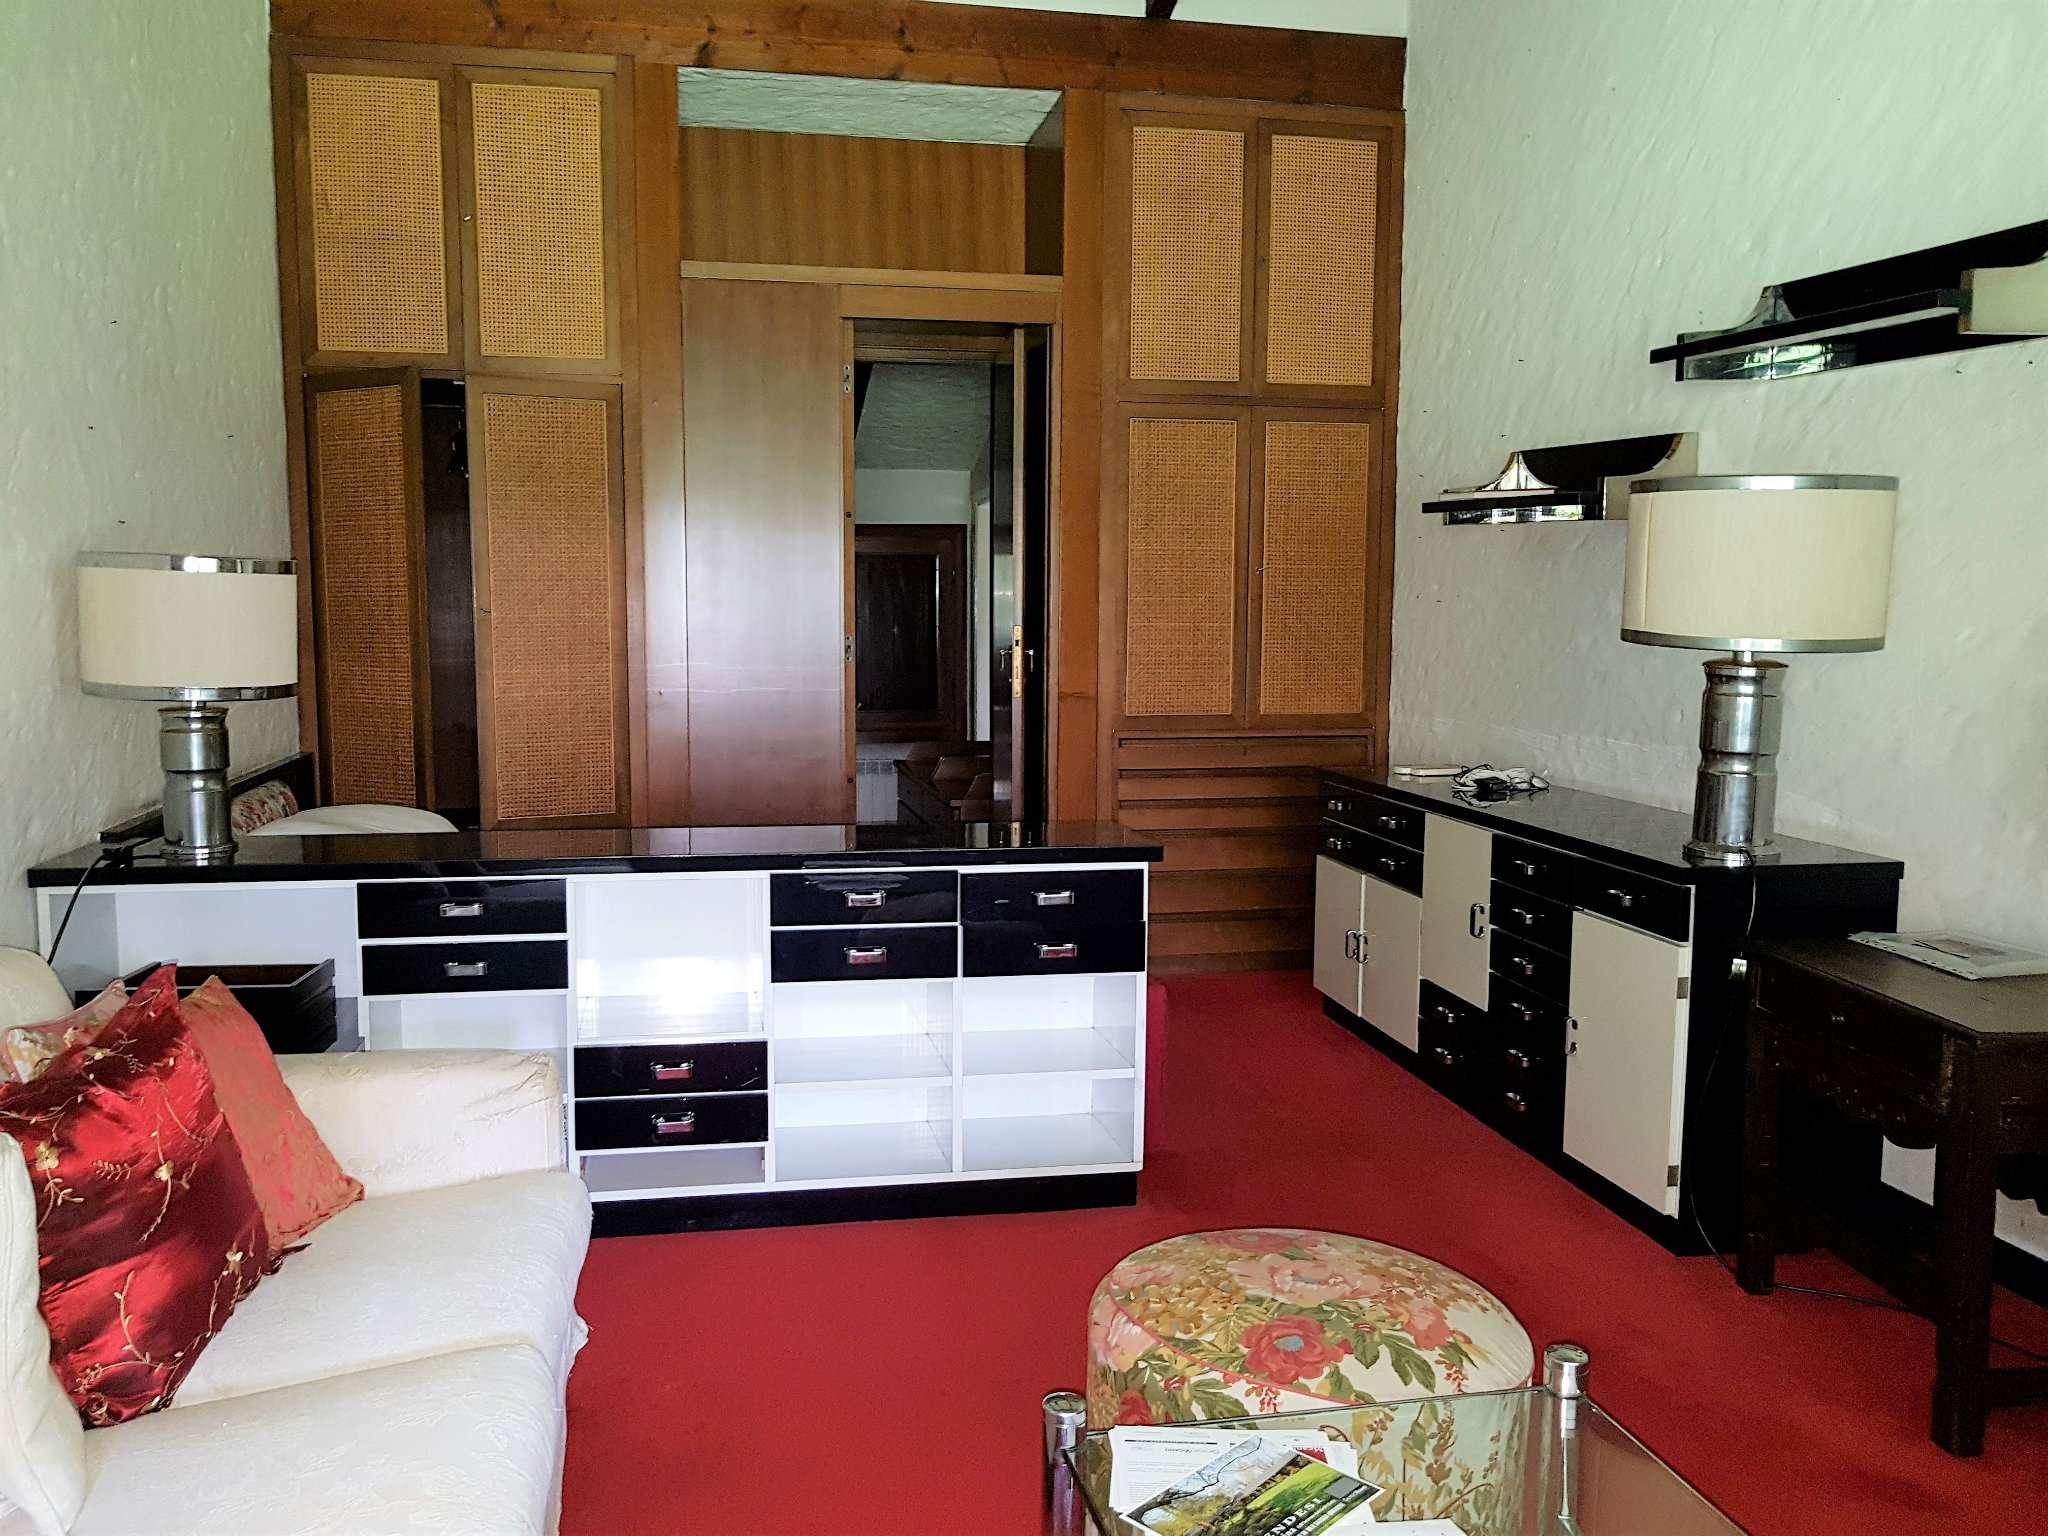 Villa in Vendita a Lentate Sul Seveso: 5 locali, 125 mq